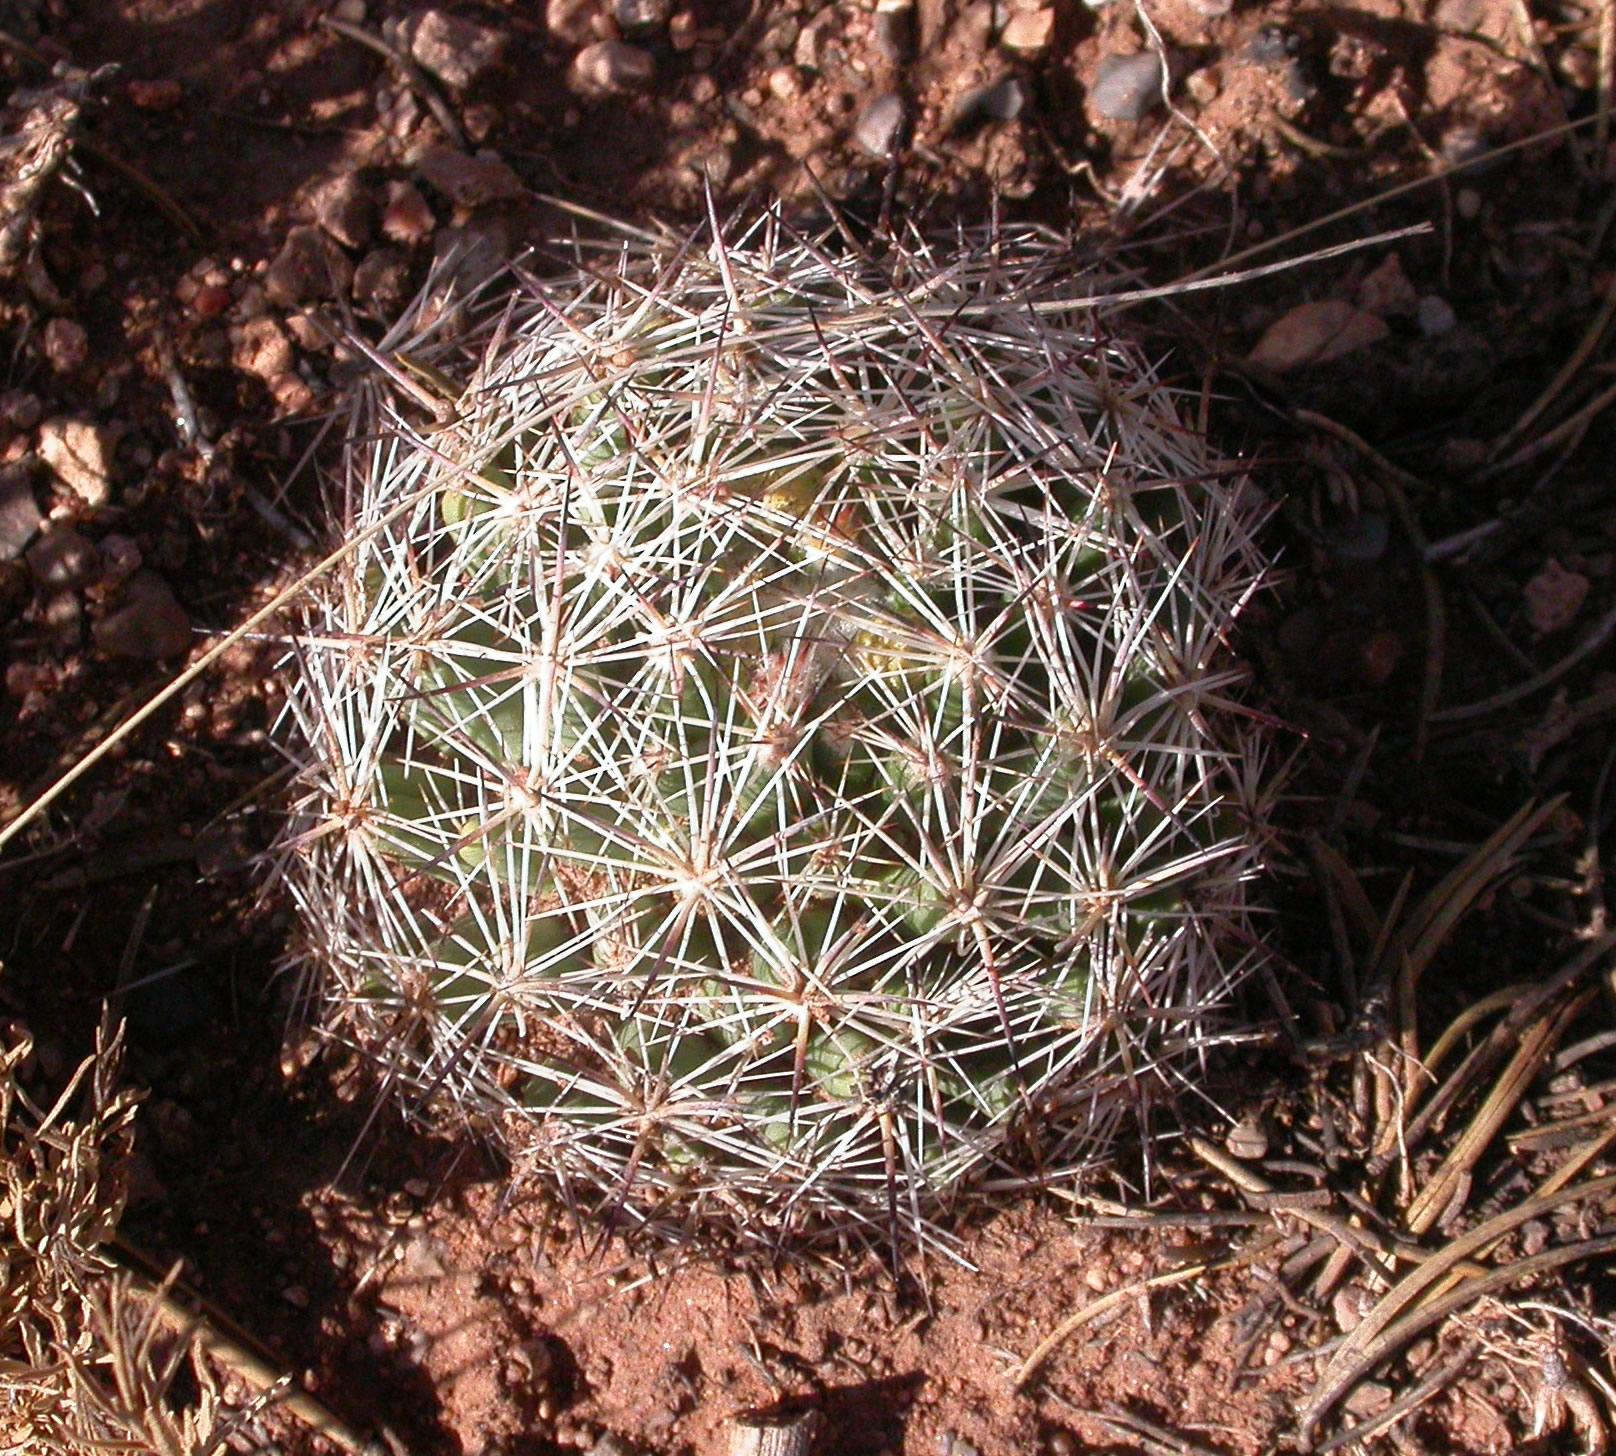 Escobaria vivipara, un cactus extremadamente resistente al frío